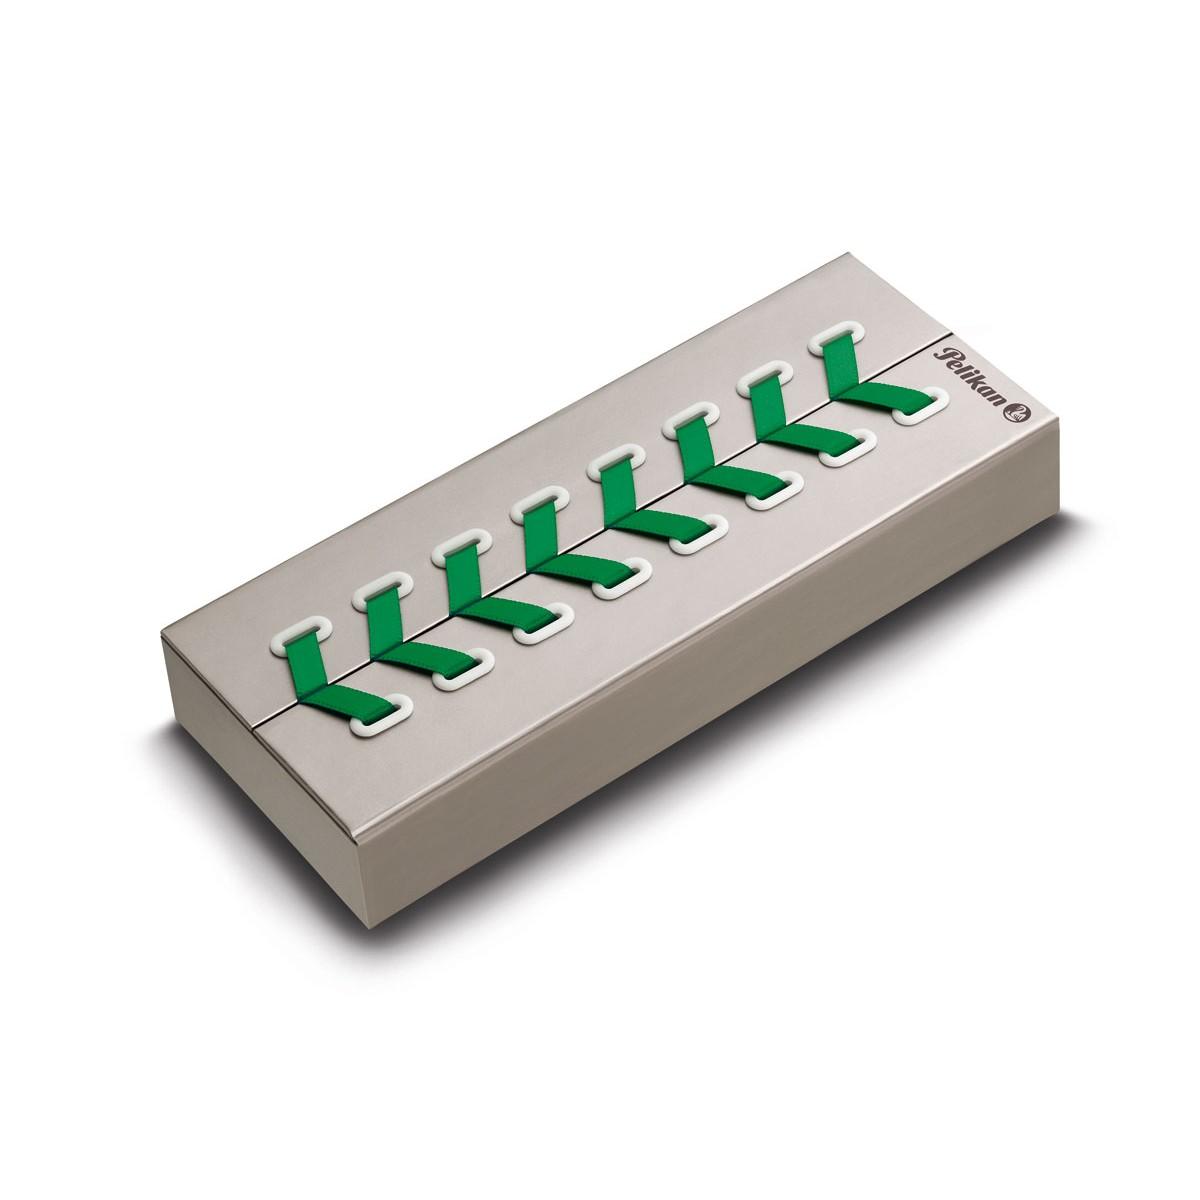 Pelikan - Souverän® 605 Green White - Fountain Pen